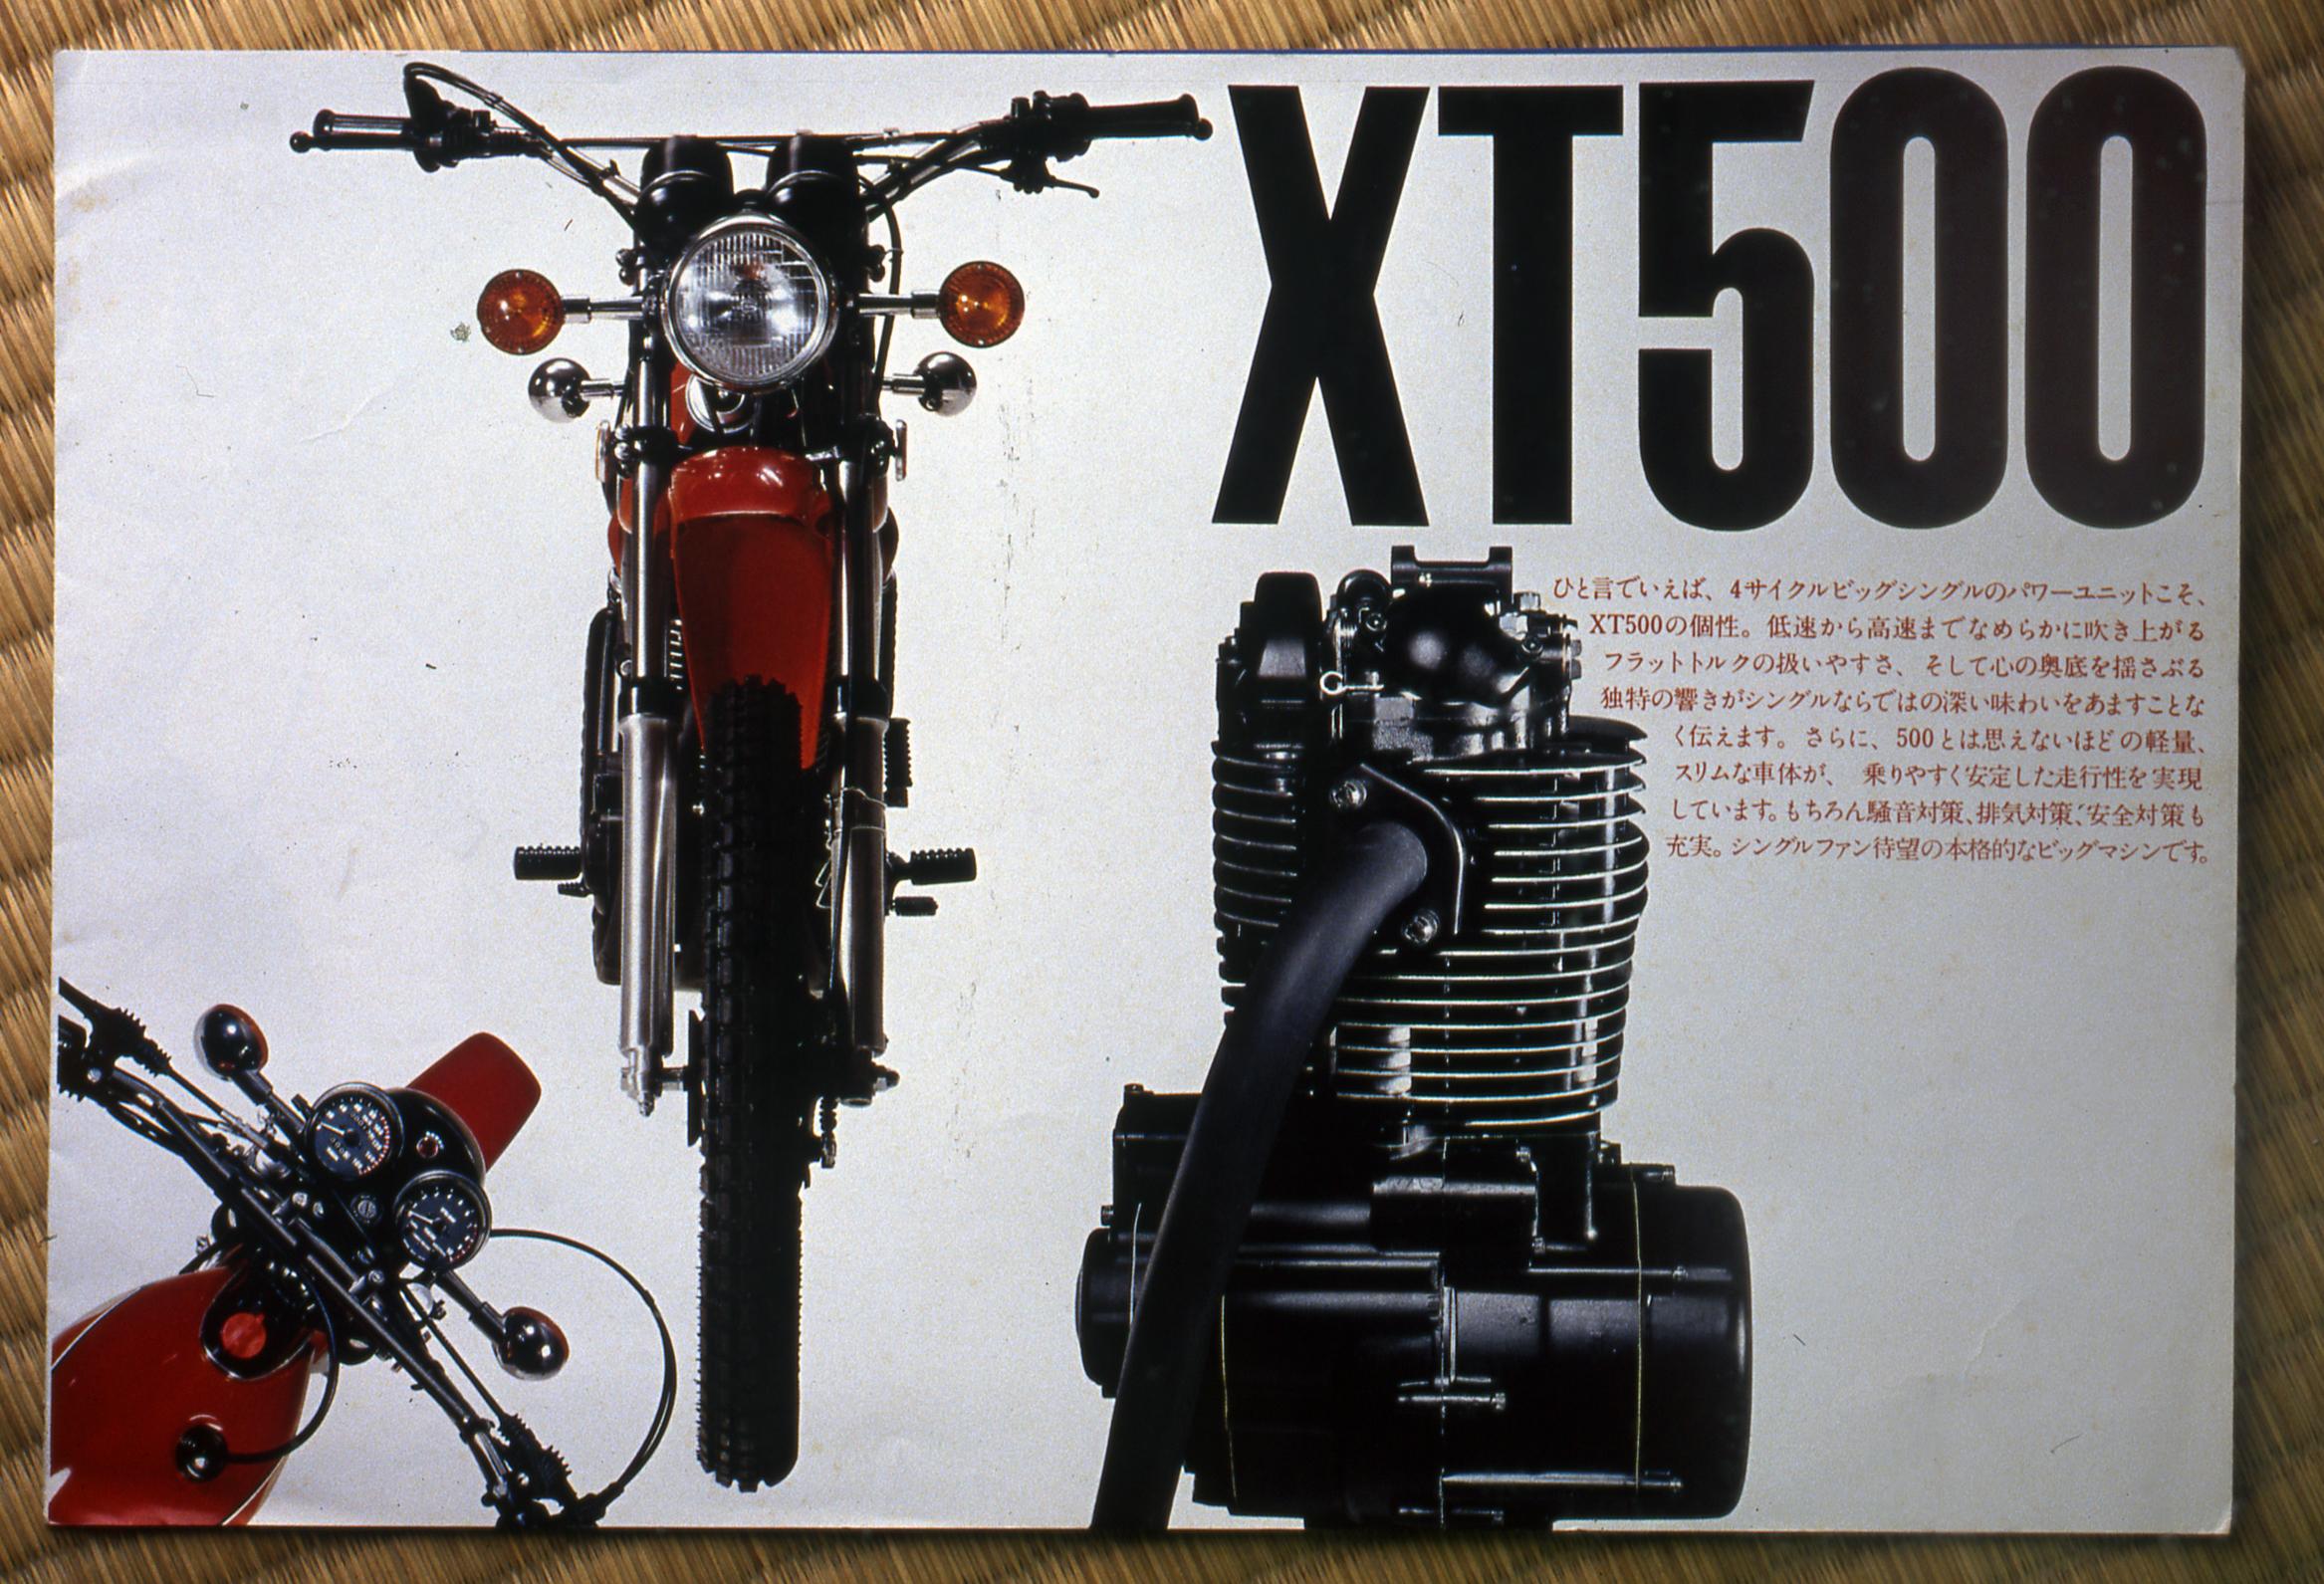 Premier prospectus de la XT 500 au Japon.